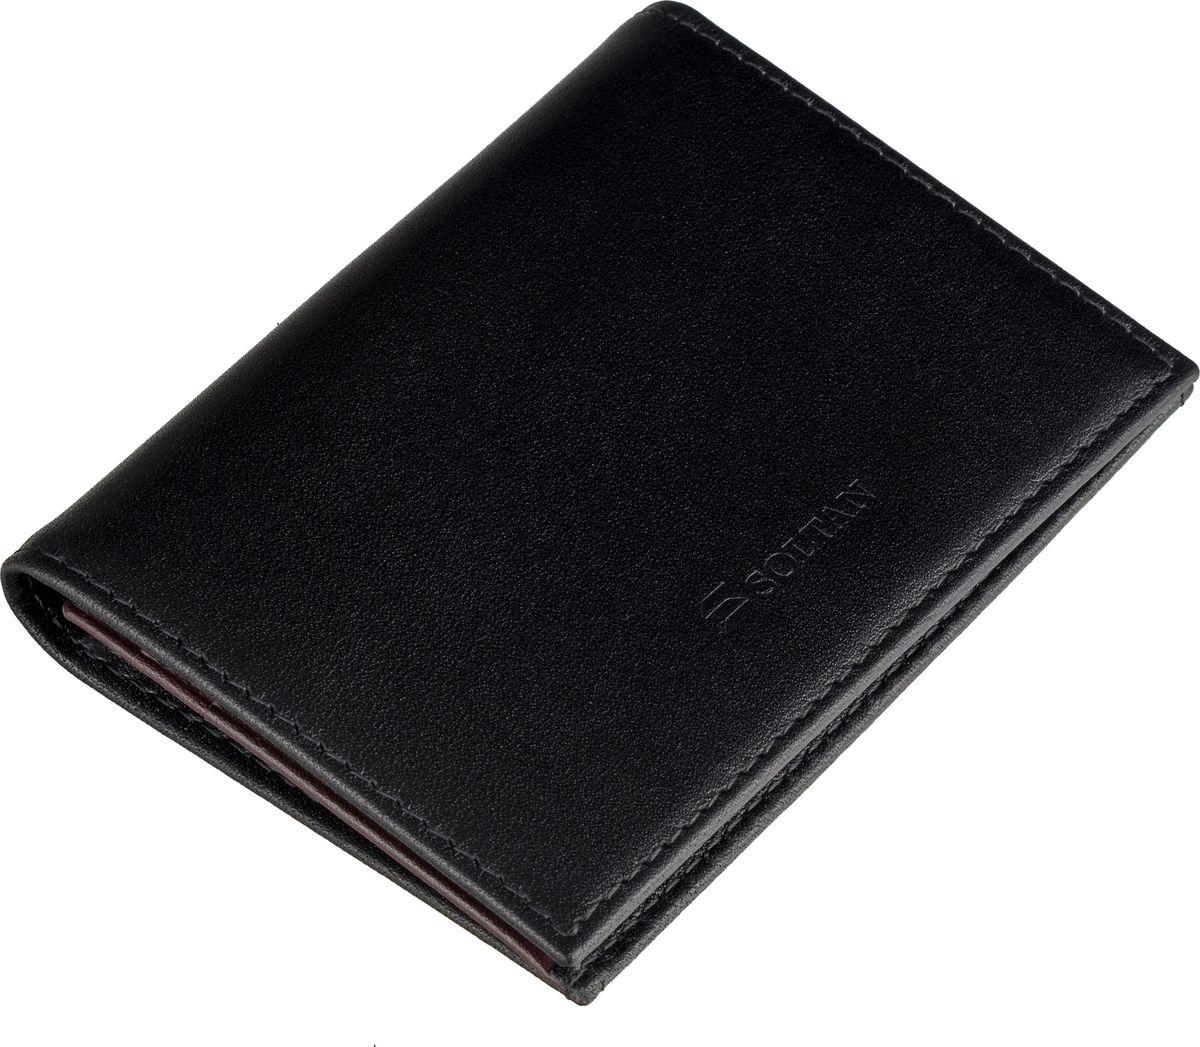 Футляр для визиток SOLTAN выполнен из натуральной кожи в сочентании двух цветов - черного и бордового. Застегивается на кнопку. Внутри отделение для персональных визиток и 5 кармашков для карт. Футляр упакован в красивую фирменную коробку.